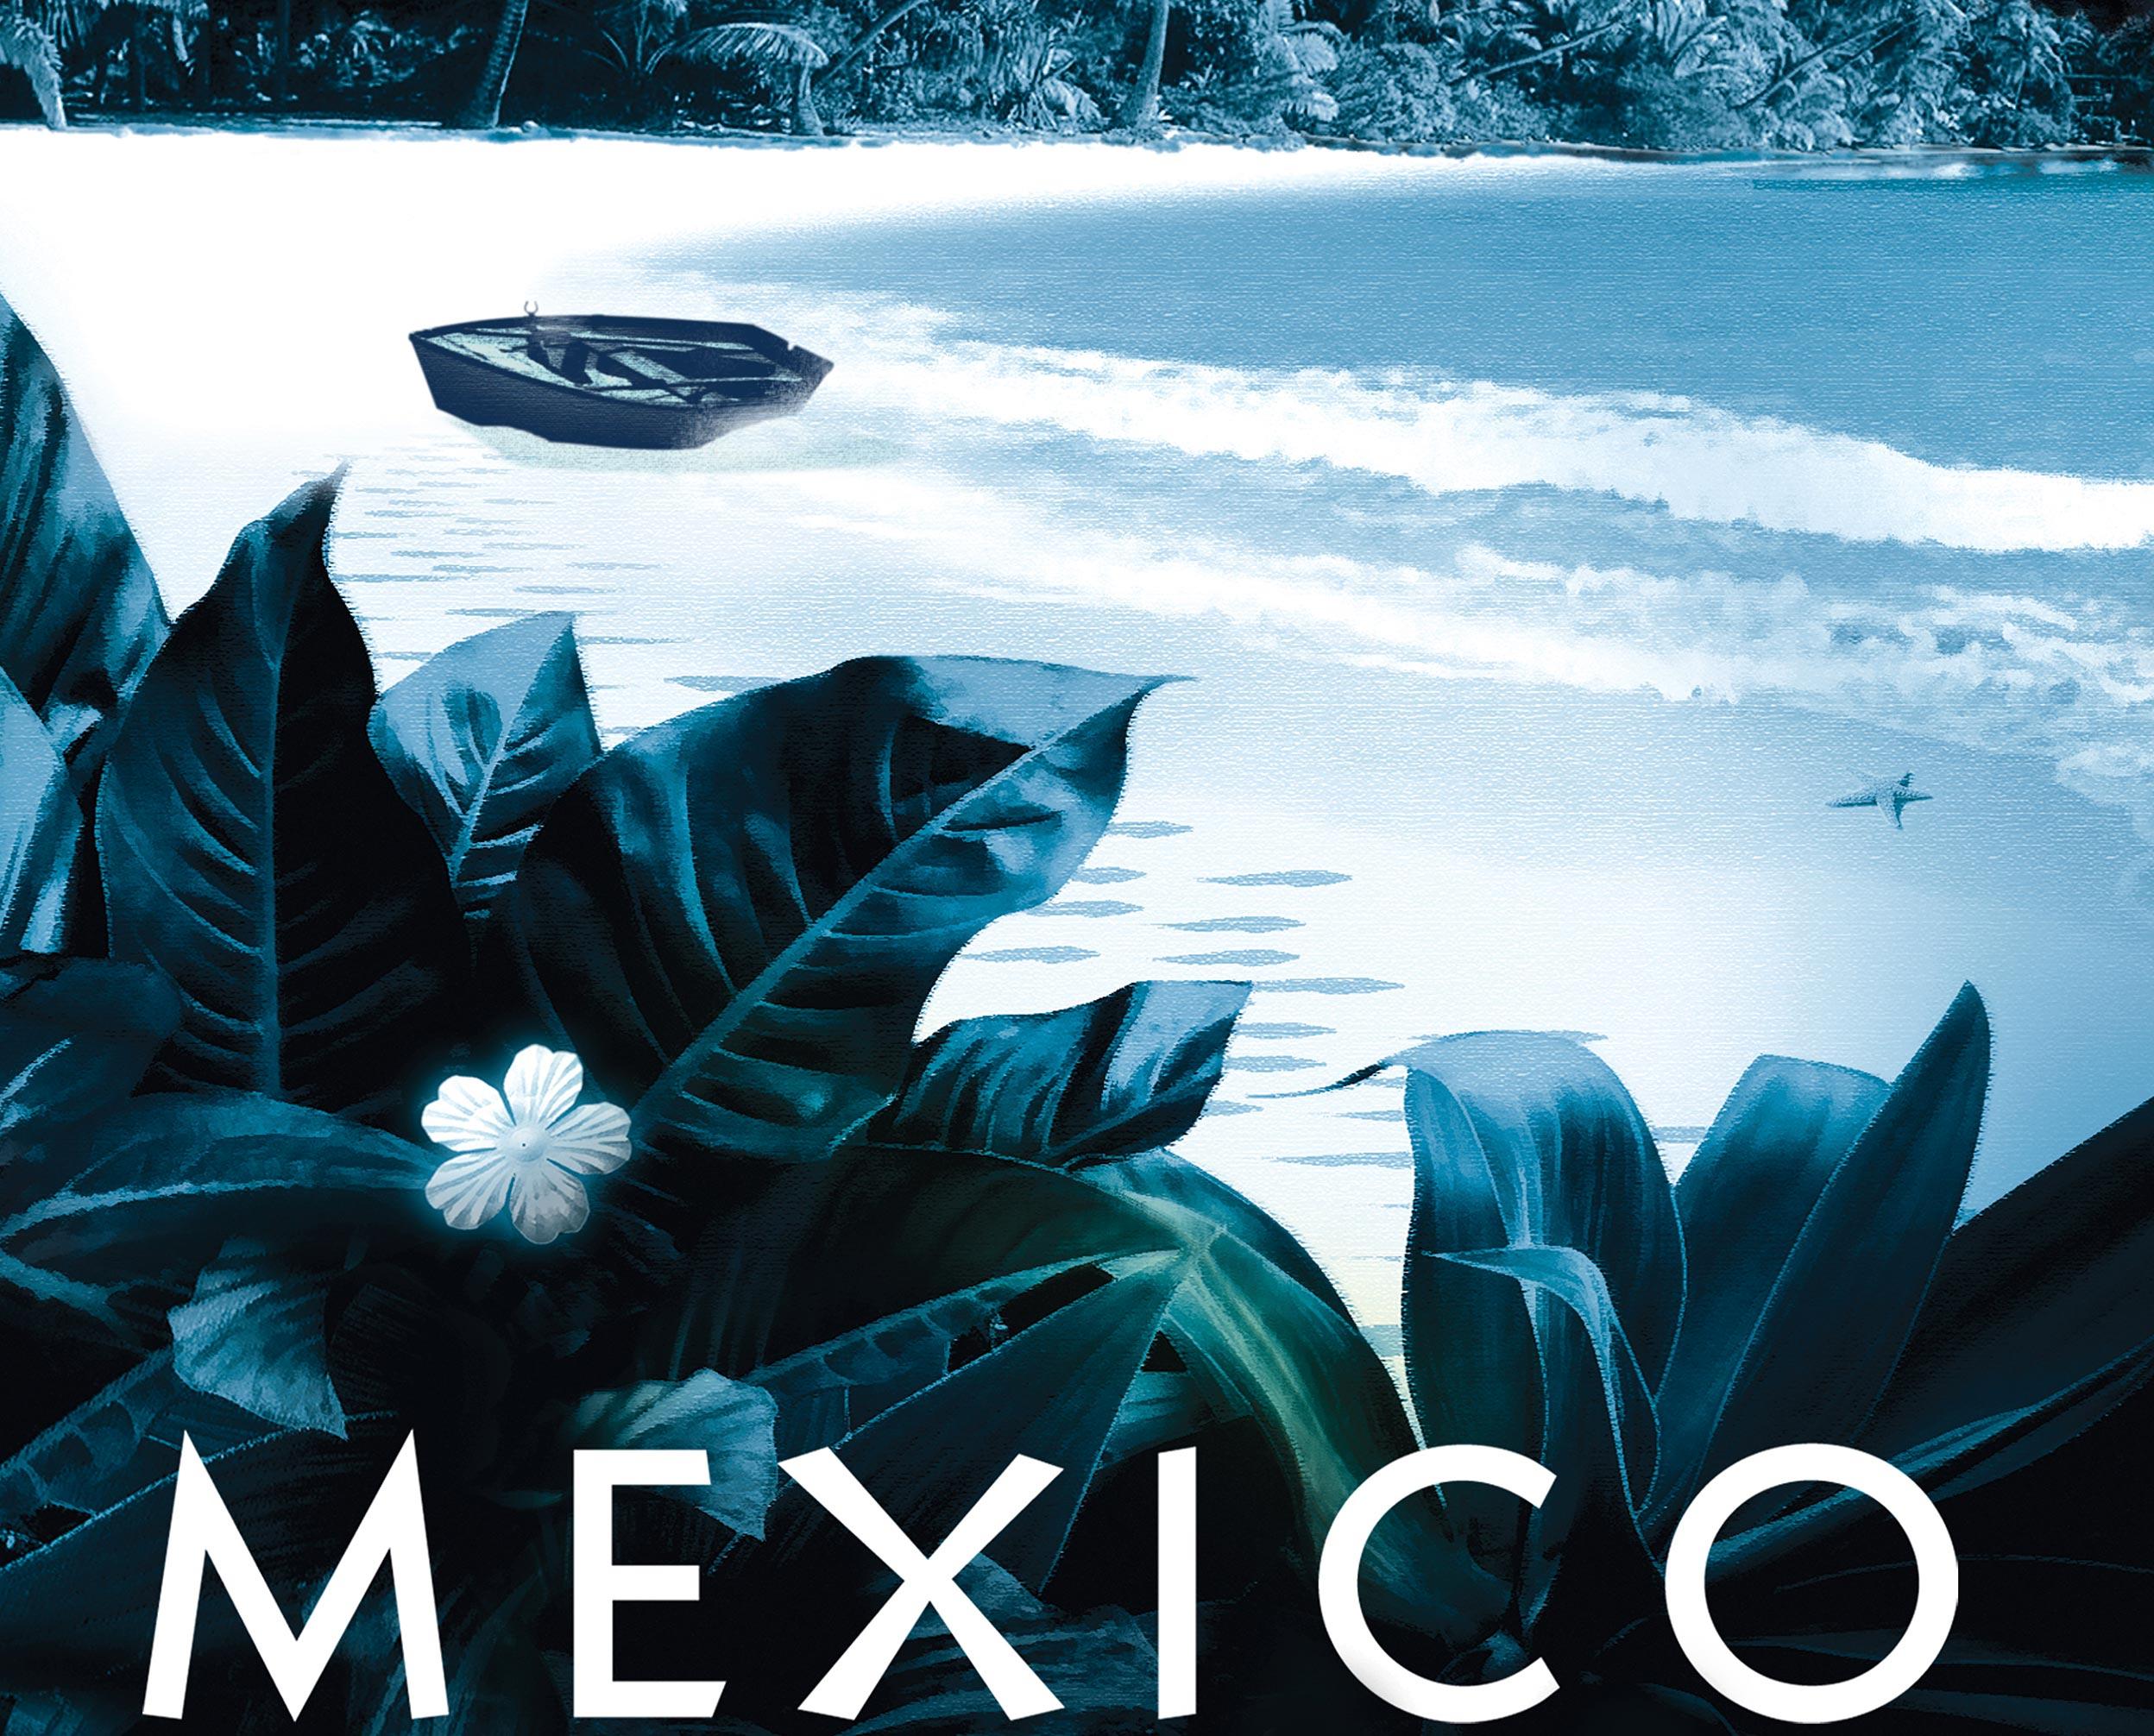 Mexico invitation